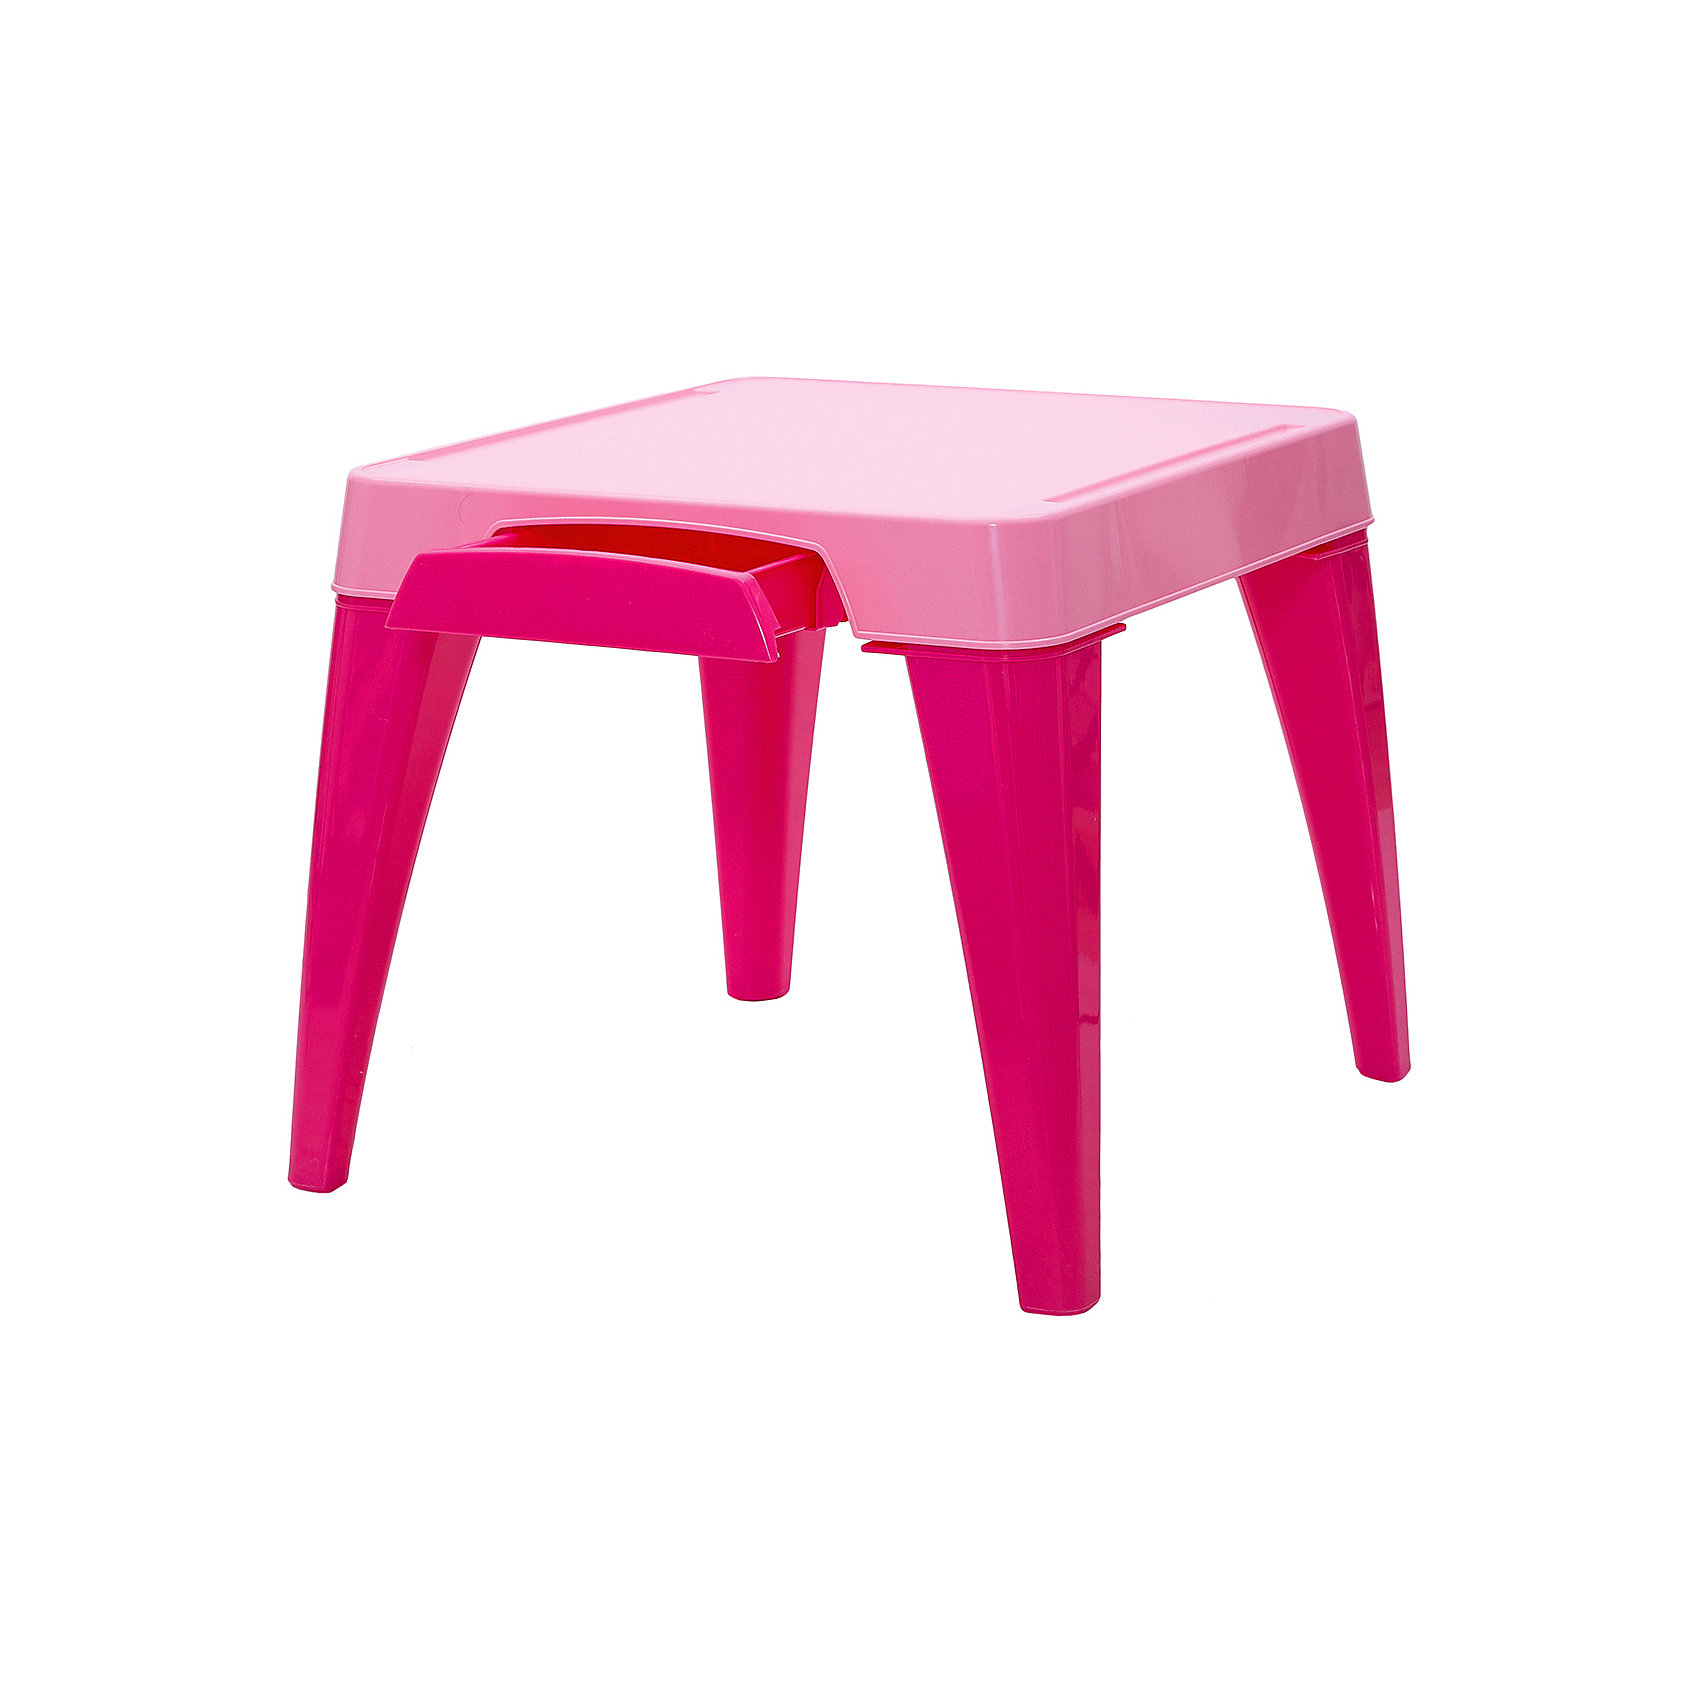 Детский стол Я расту, Little Angel, розовыйМебель<br>Детский стол Я расту, Little Angel, розовый ? это детская мебель серии Я расту от отечественного производителя . Детский стол изготовлен из экологически безопасных материалов ? полипропилена и ПВХ ? это сочетание обеспечивает легкость мебели, прочность, устойчивость к физическим и химическим воздействиям. Окраска стола обладает высокой устойчивостью цвета к внешним воздействиям. <br>Детский стол Я расту, Little Angel, розовый предназначен для детей в возрасте от 2-х лет, подходит для приема пищи, занятий или игр. Является абсолютно безопасным с точки зрения эксплуатации для маленьких детей: у столешницы закругленные углы, ножки стола имеют округлую форму. Сбоку столешницы имеется выдвижной ящик, в котором удобно будет хранить карандаши, фломастеры и краски. На столешнице имеются углубления, что защищает от падения на пол канцелярских принадлежностей, а также не позволяет пролившейся воде из стаканчика стечь на пол или ковер. На ножках стола имеются прорезиненные накладки, которые обеспечивают хорошее сцепление практически с любой поверхностью. <br>Детский стол Я расту, Little Angel, розовый ? идеальное решение для оформления детского уголка не только дома, но и на даче.<br><br>Дополнительная информация:<br><br>- Предназначение: для дома, для детских садов, для детских развивающих центров<br>- Цвет: розовый<br>- Пол: для девочки<br>- Материал: полипропилен, ПВХ<br>- Размер (Д*Ш*В): 57*57*50 см<br>- Вес: 3 кг 588 г<br>- Особенности ухода: разрешается мыть теплой мыльной водой<br><br>Подробнее:<br><br>• Для детей в возрасте: от 2 лет и до 6 лет<br>• Страна производитель: Россия<br>• Торговый бренд: Little Angel<br><br>Детский стол Я расту, Little Angel, розовый можно купить в нашем интернет-магазине.<br><br>Ширина мм: 570<br>Глубина мм: 570<br>Высота мм: 150<br>Вес г: 3588<br>Возраст от месяцев: 24<br>Возраст до месяцев: 72<br>Пол: Женский<br>Возраст: Детский<br>SKU: 4881747